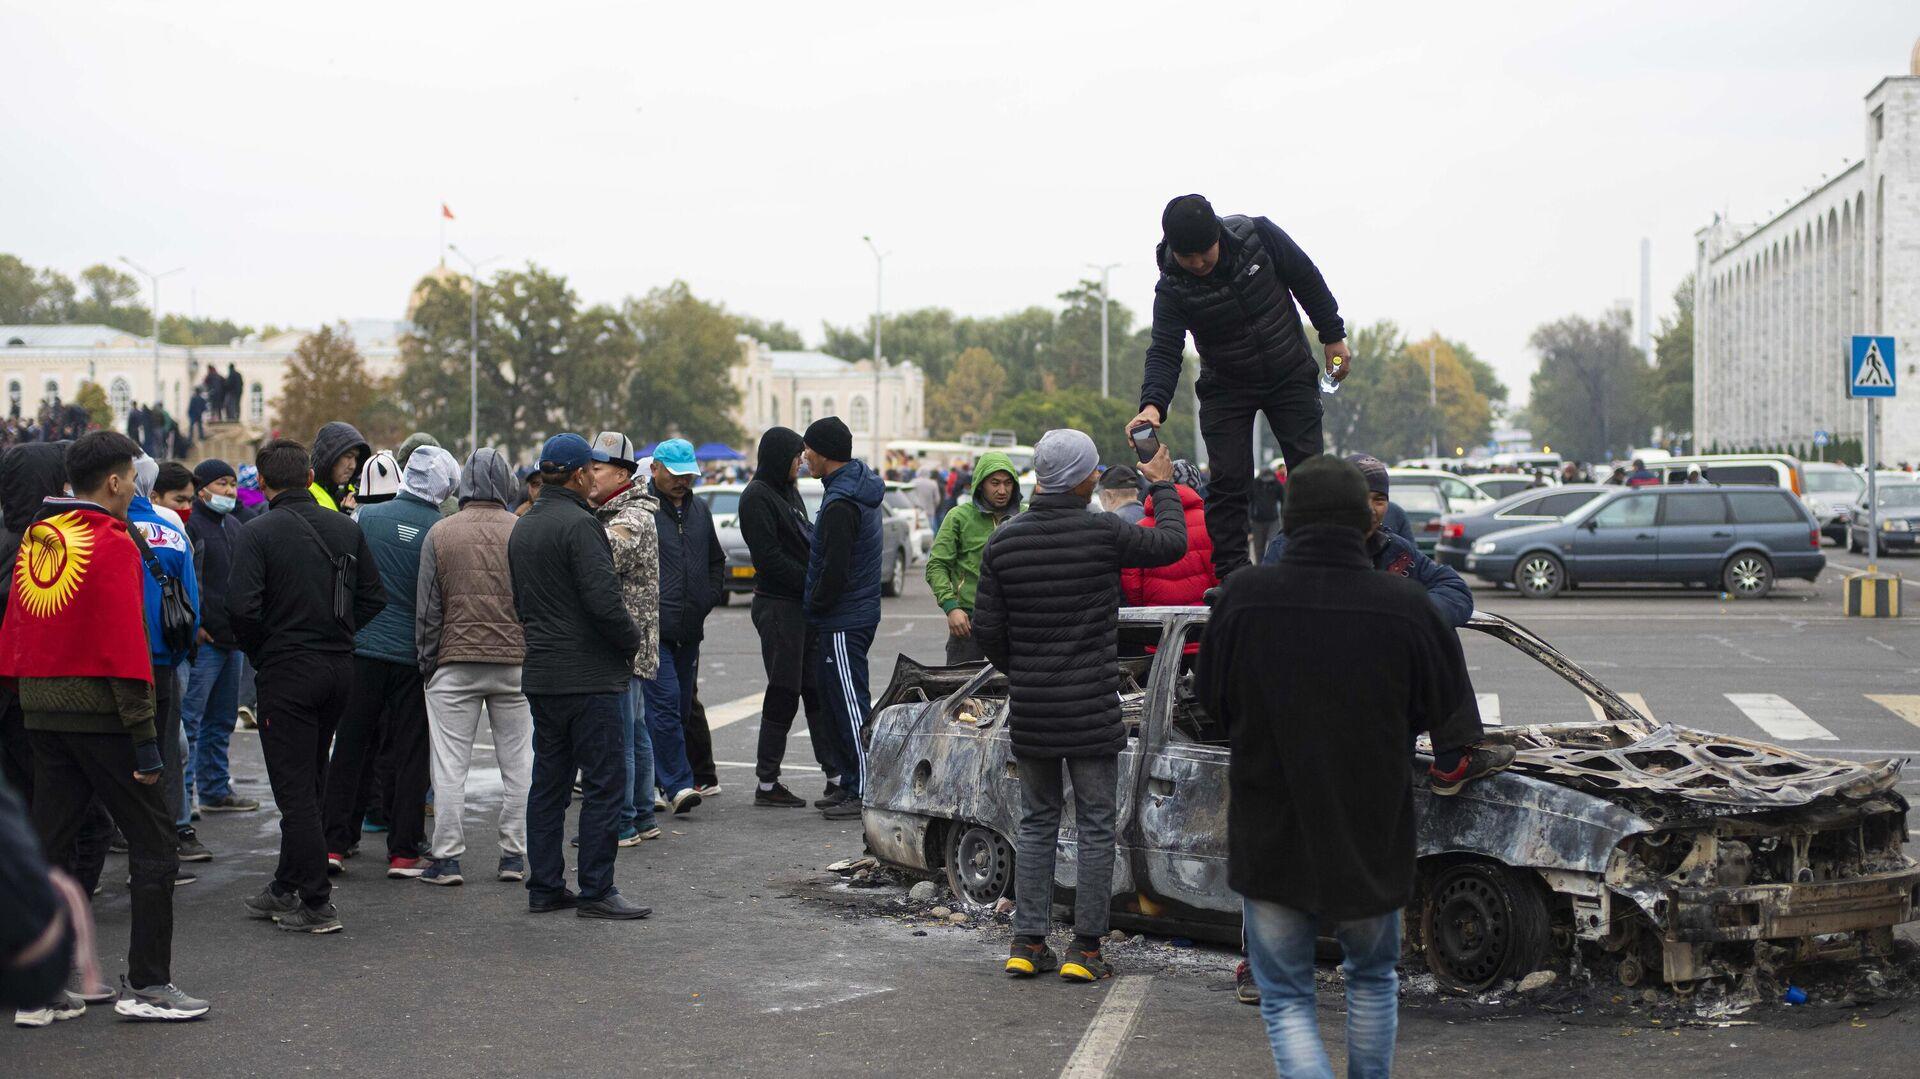 Протестующие у сожженного автомобиля на центральной площади Бишкека Ала-Тоо - РИА Новости, 1920, 06.10.2020